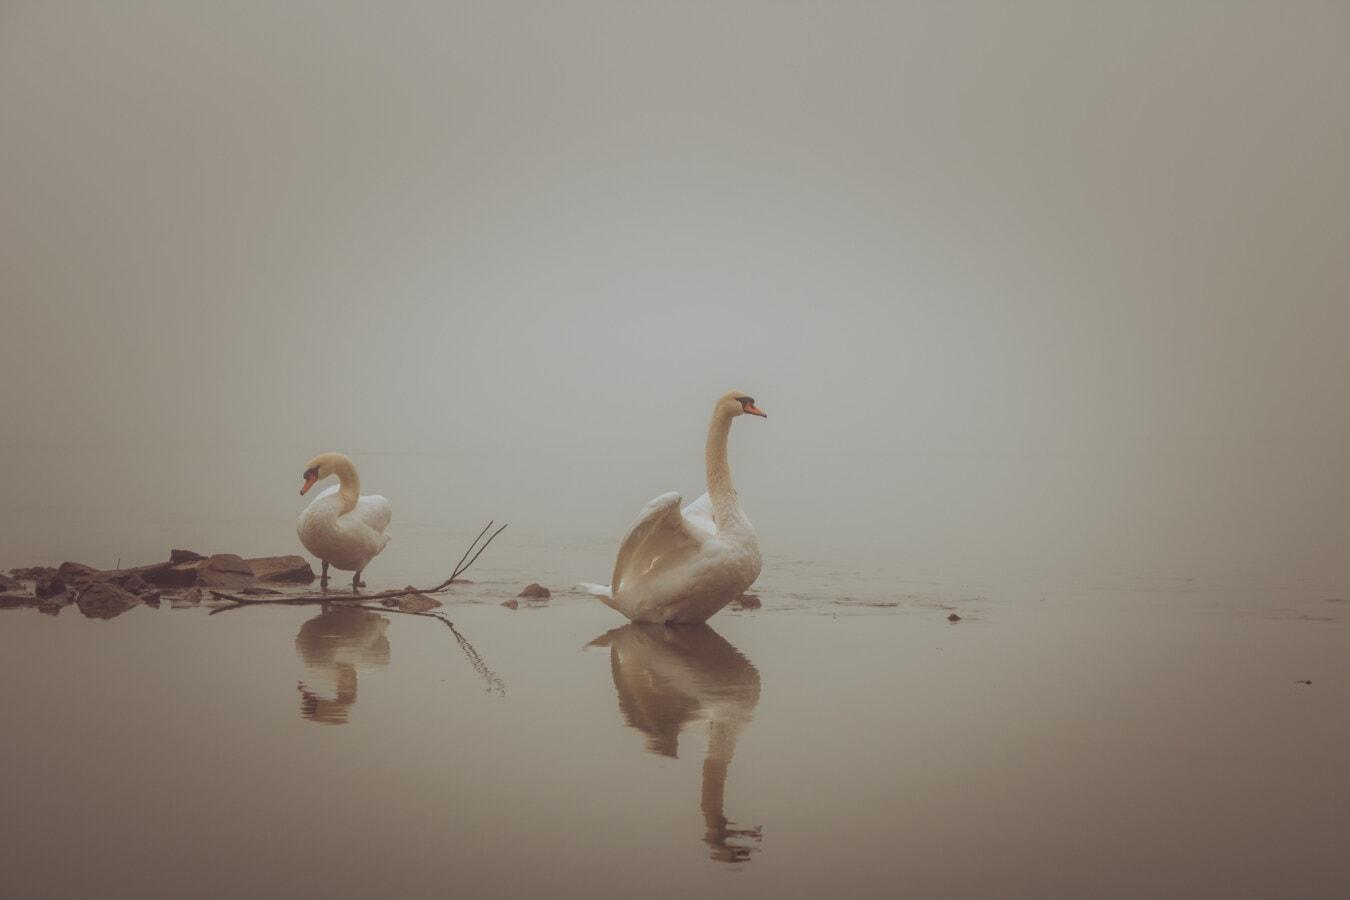 Landschaft, neblig, majestätisch, Anmut, Schwan, Vögel, Wasser, Reflexion, See, Vogel